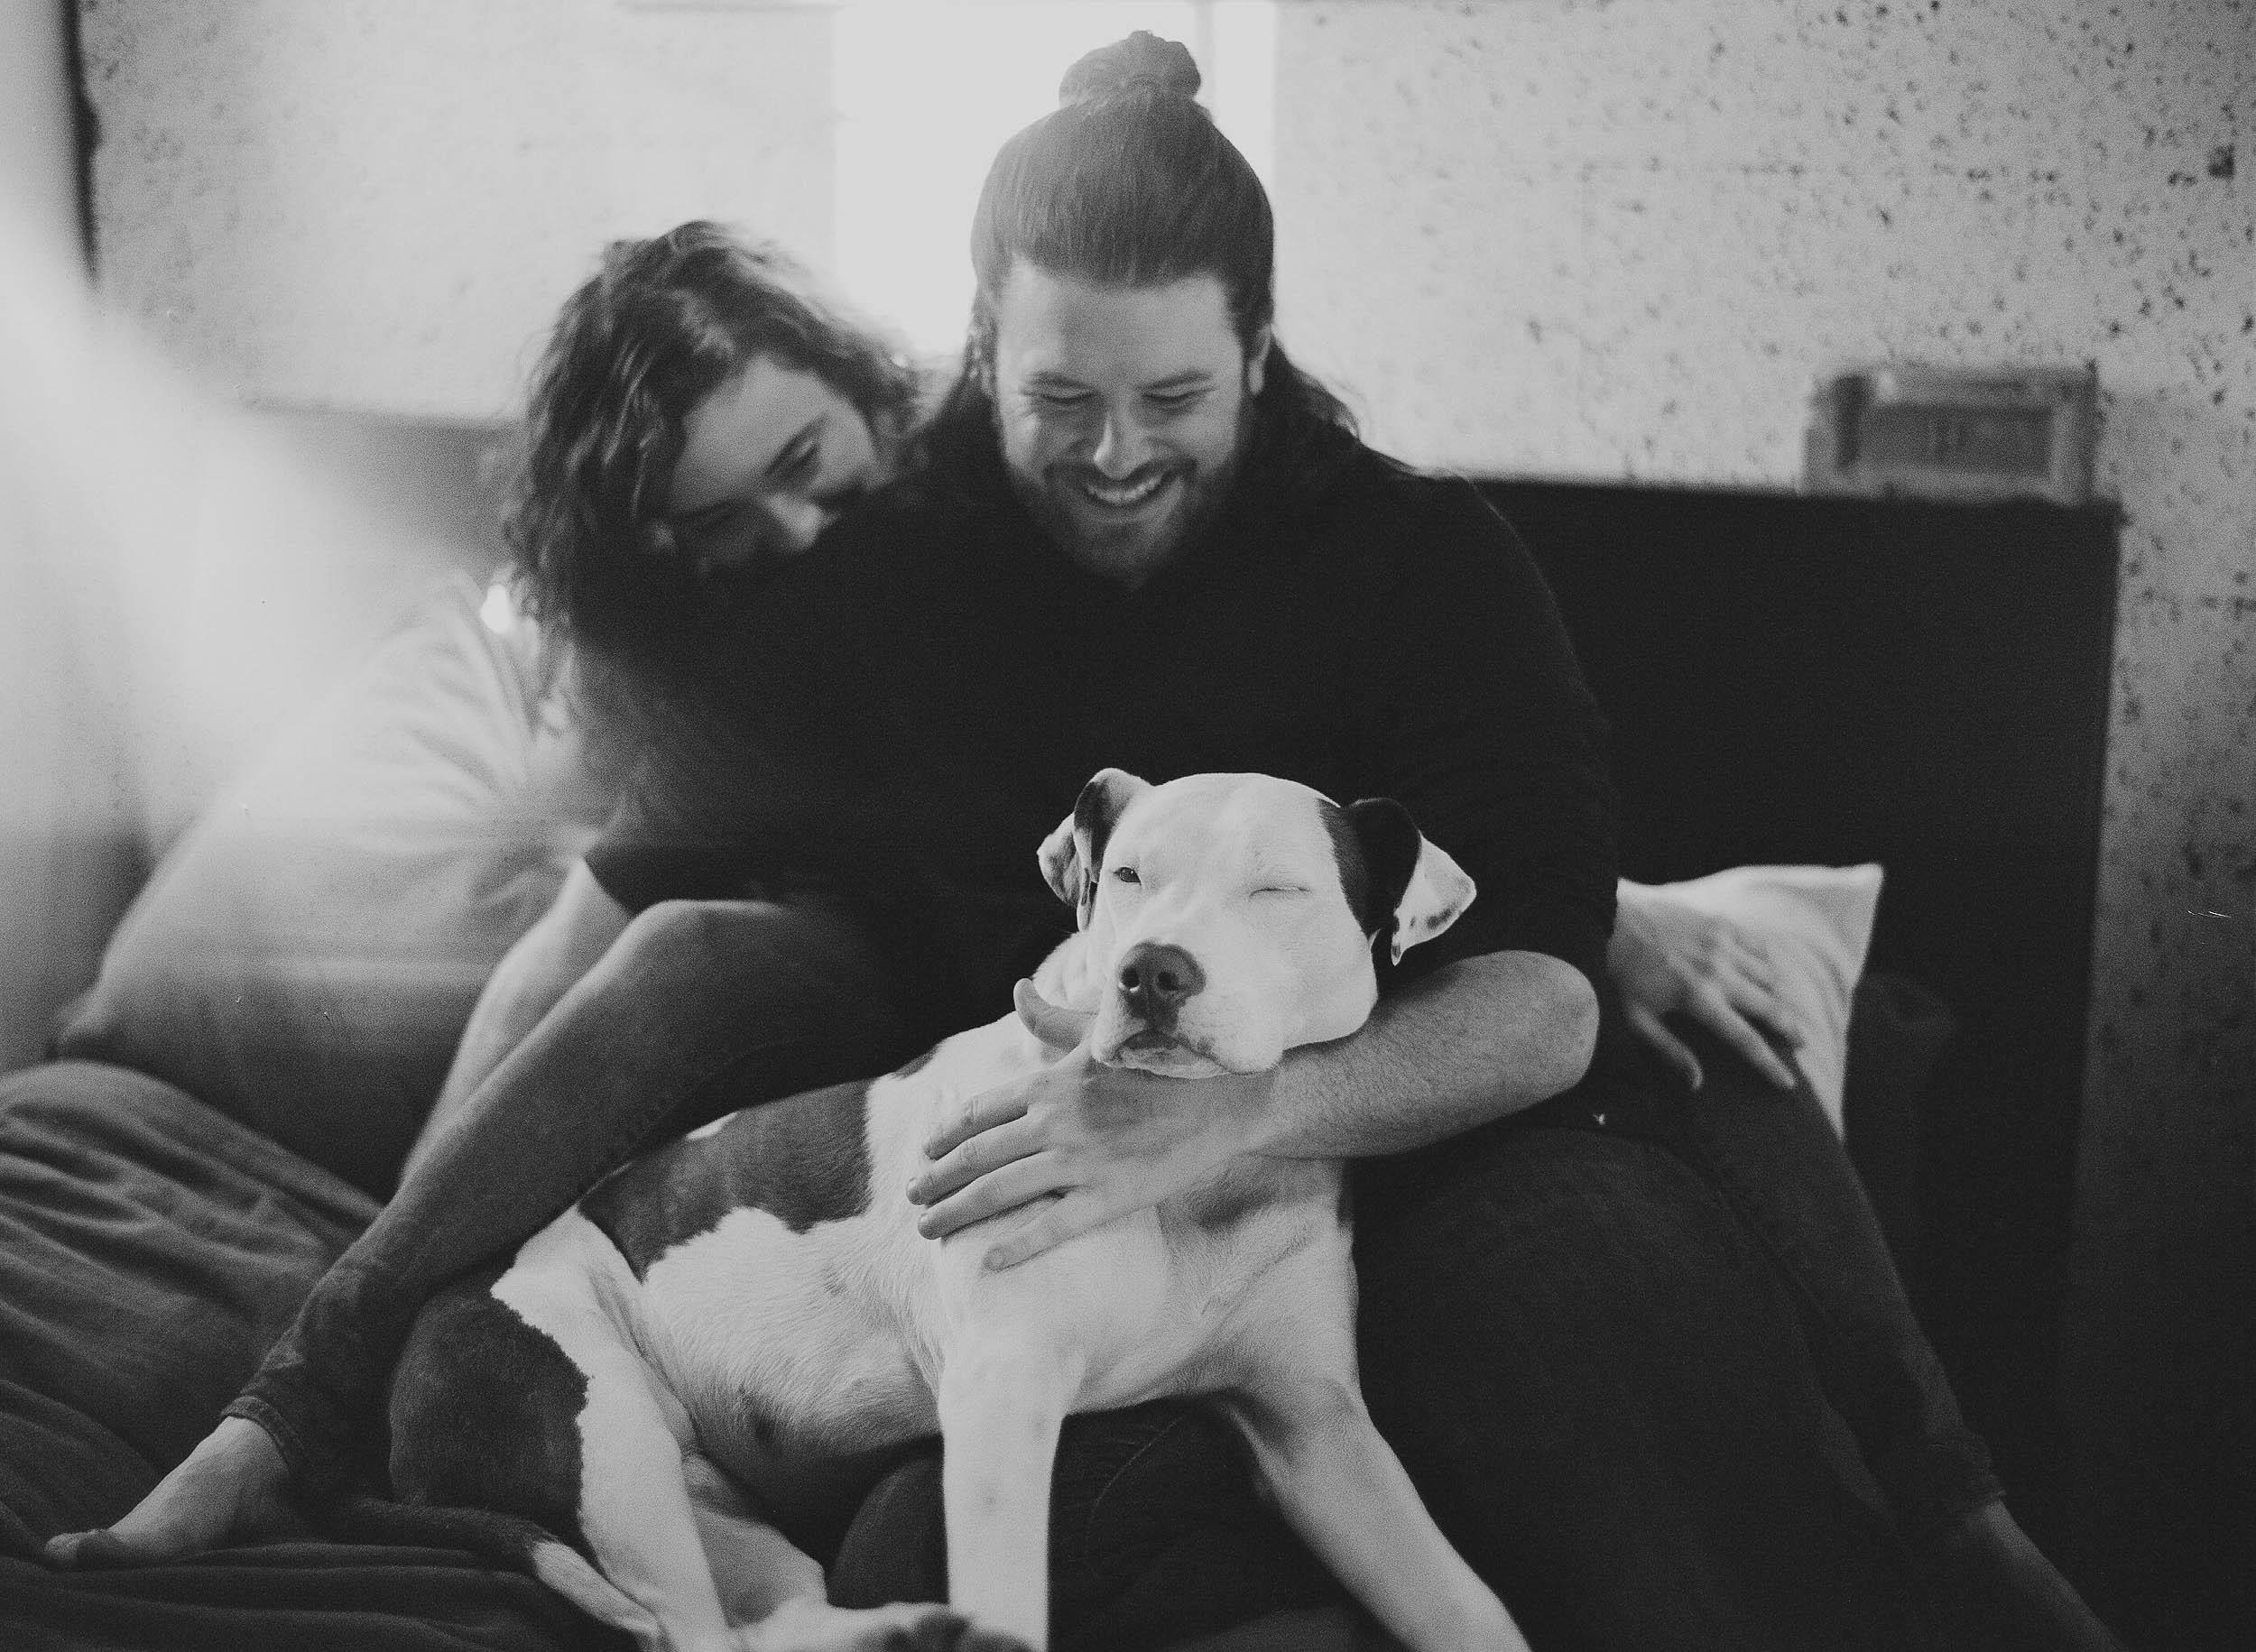 Kristen-Humbert-Family-Photoshoot-Philadelphia_Ruby-James-W-2-50.jpg